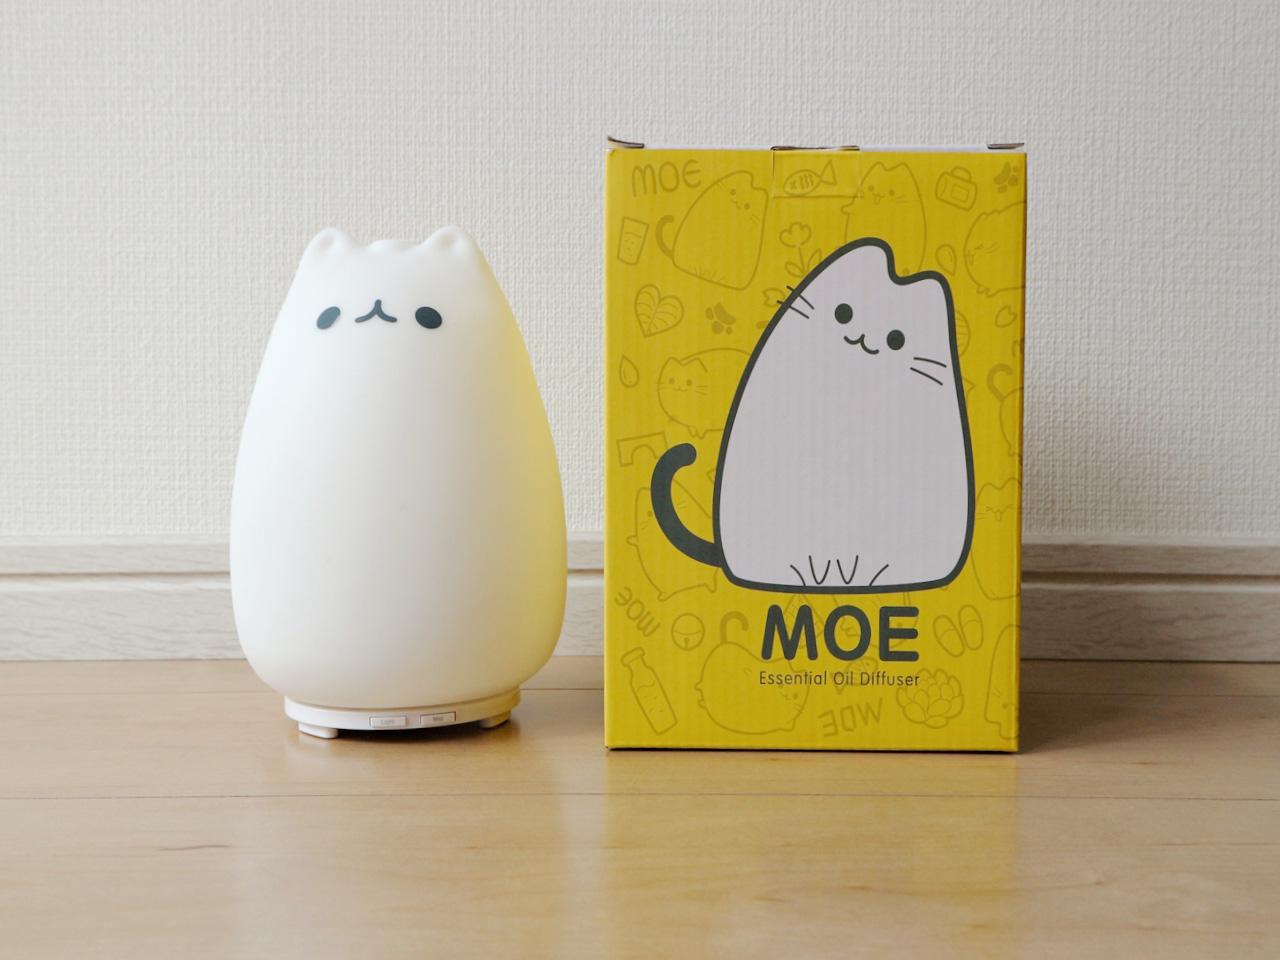 箱に描かれた猫のイラストも可愛い!本体も、写真そのもの